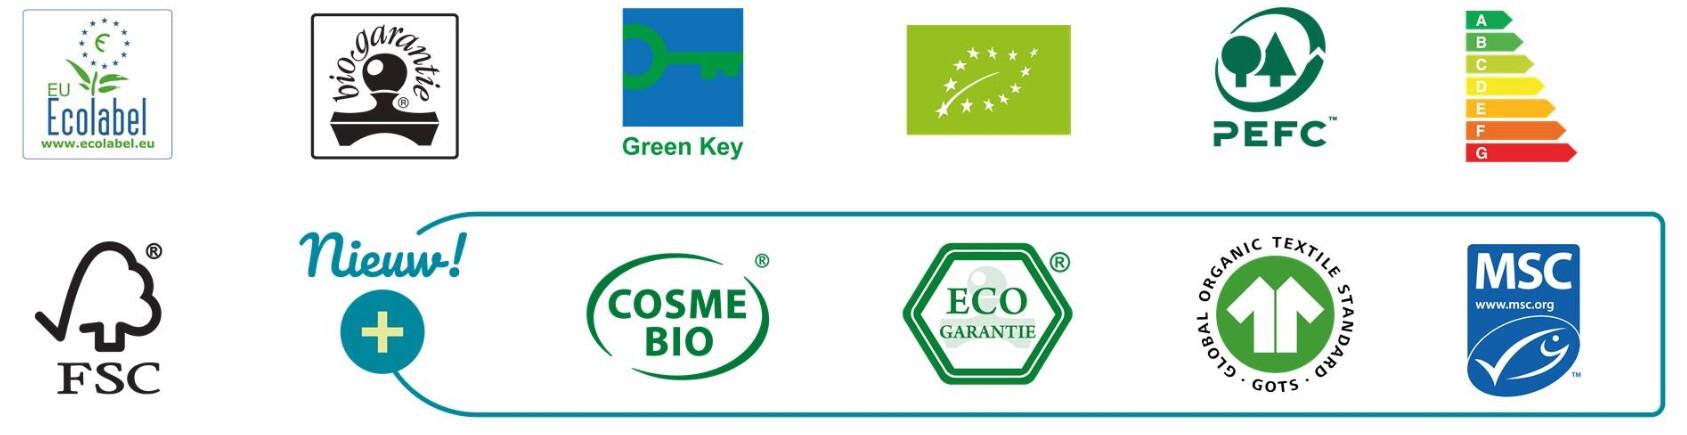 Labels die in aanmerking komen voor de aankoop van producten met ecocheques